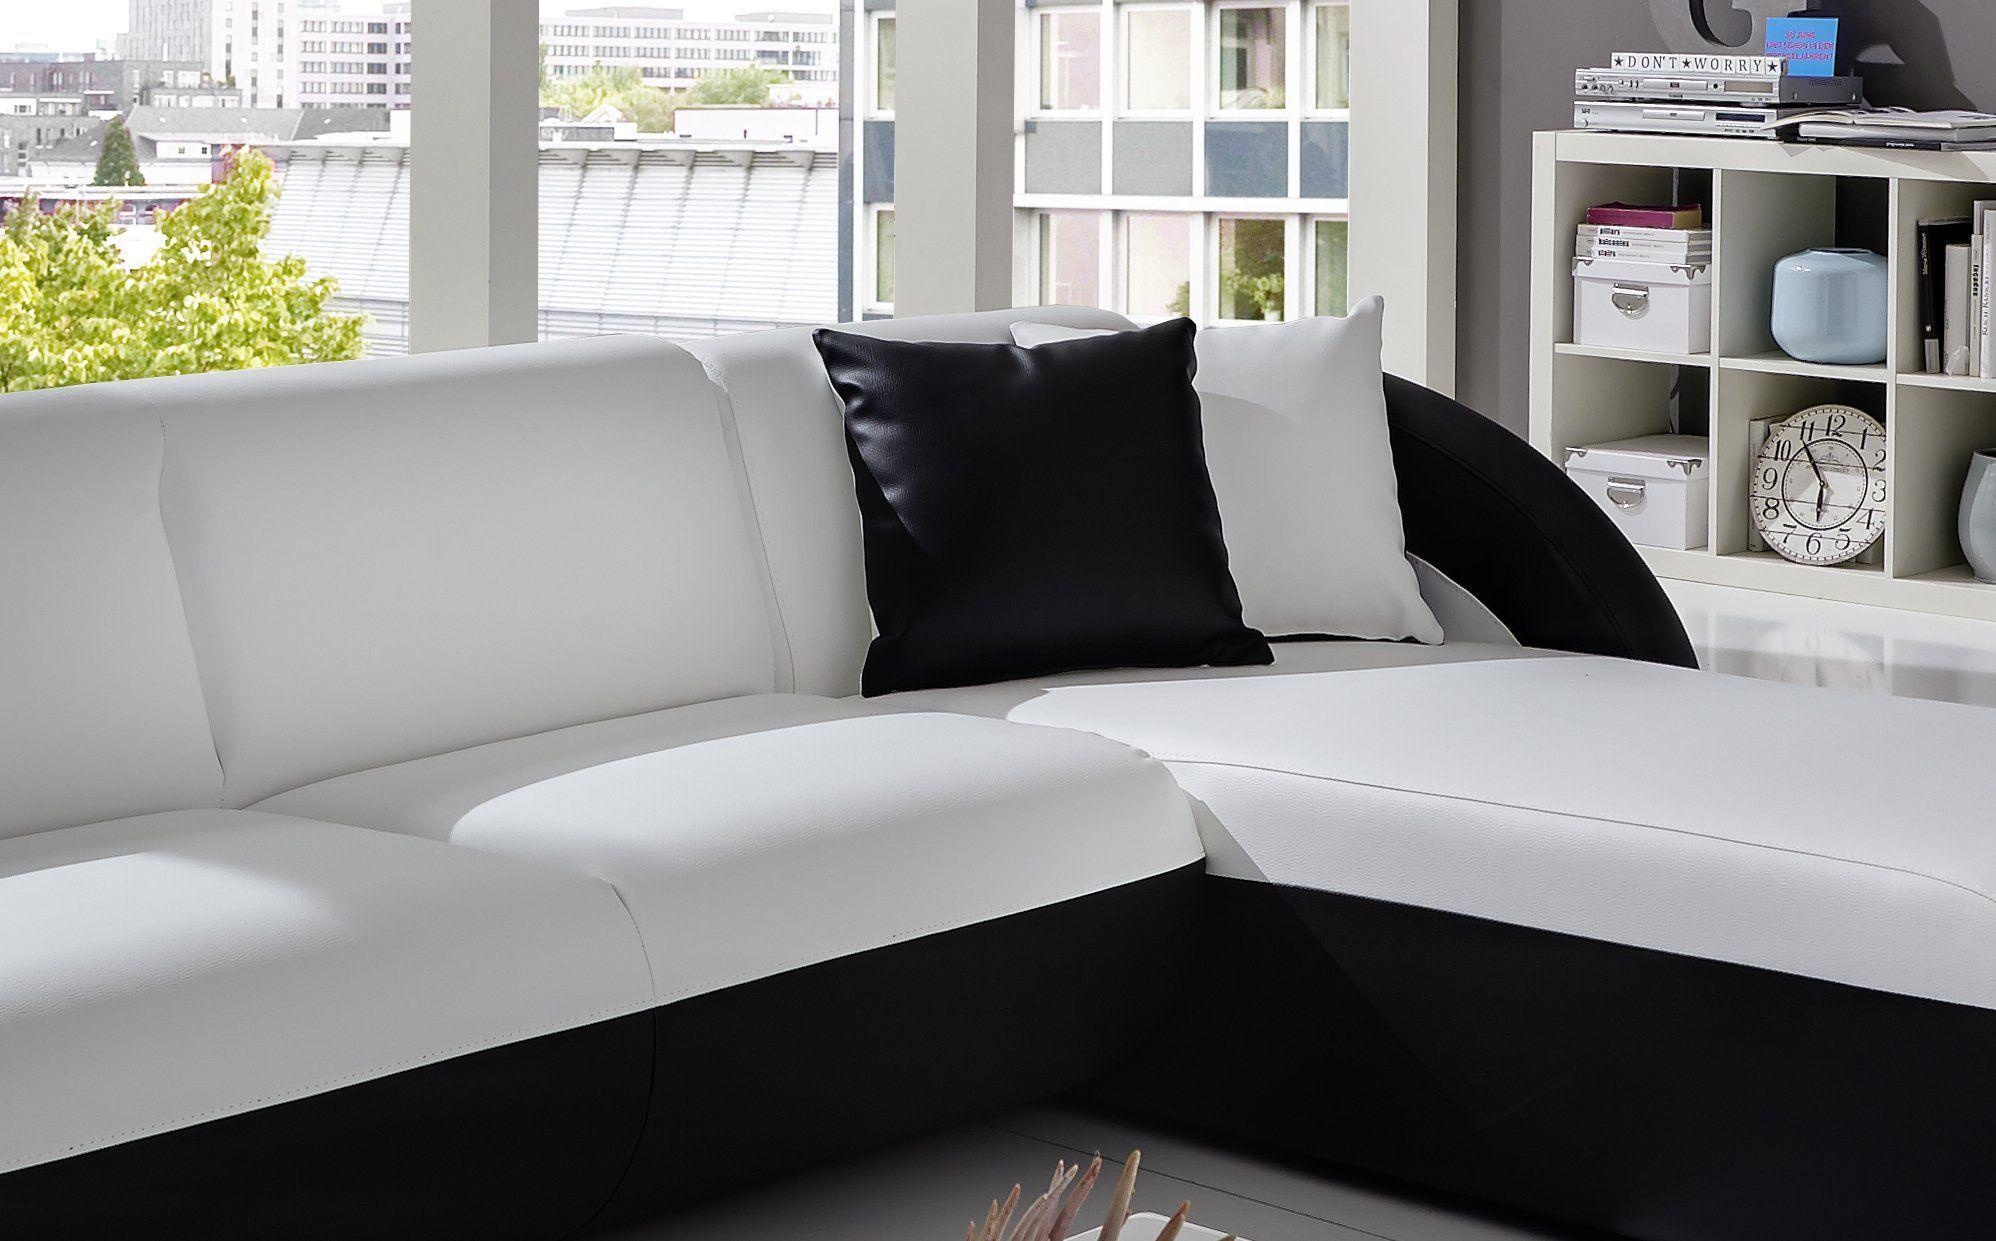 Terrific Couch Zum Halben Preis